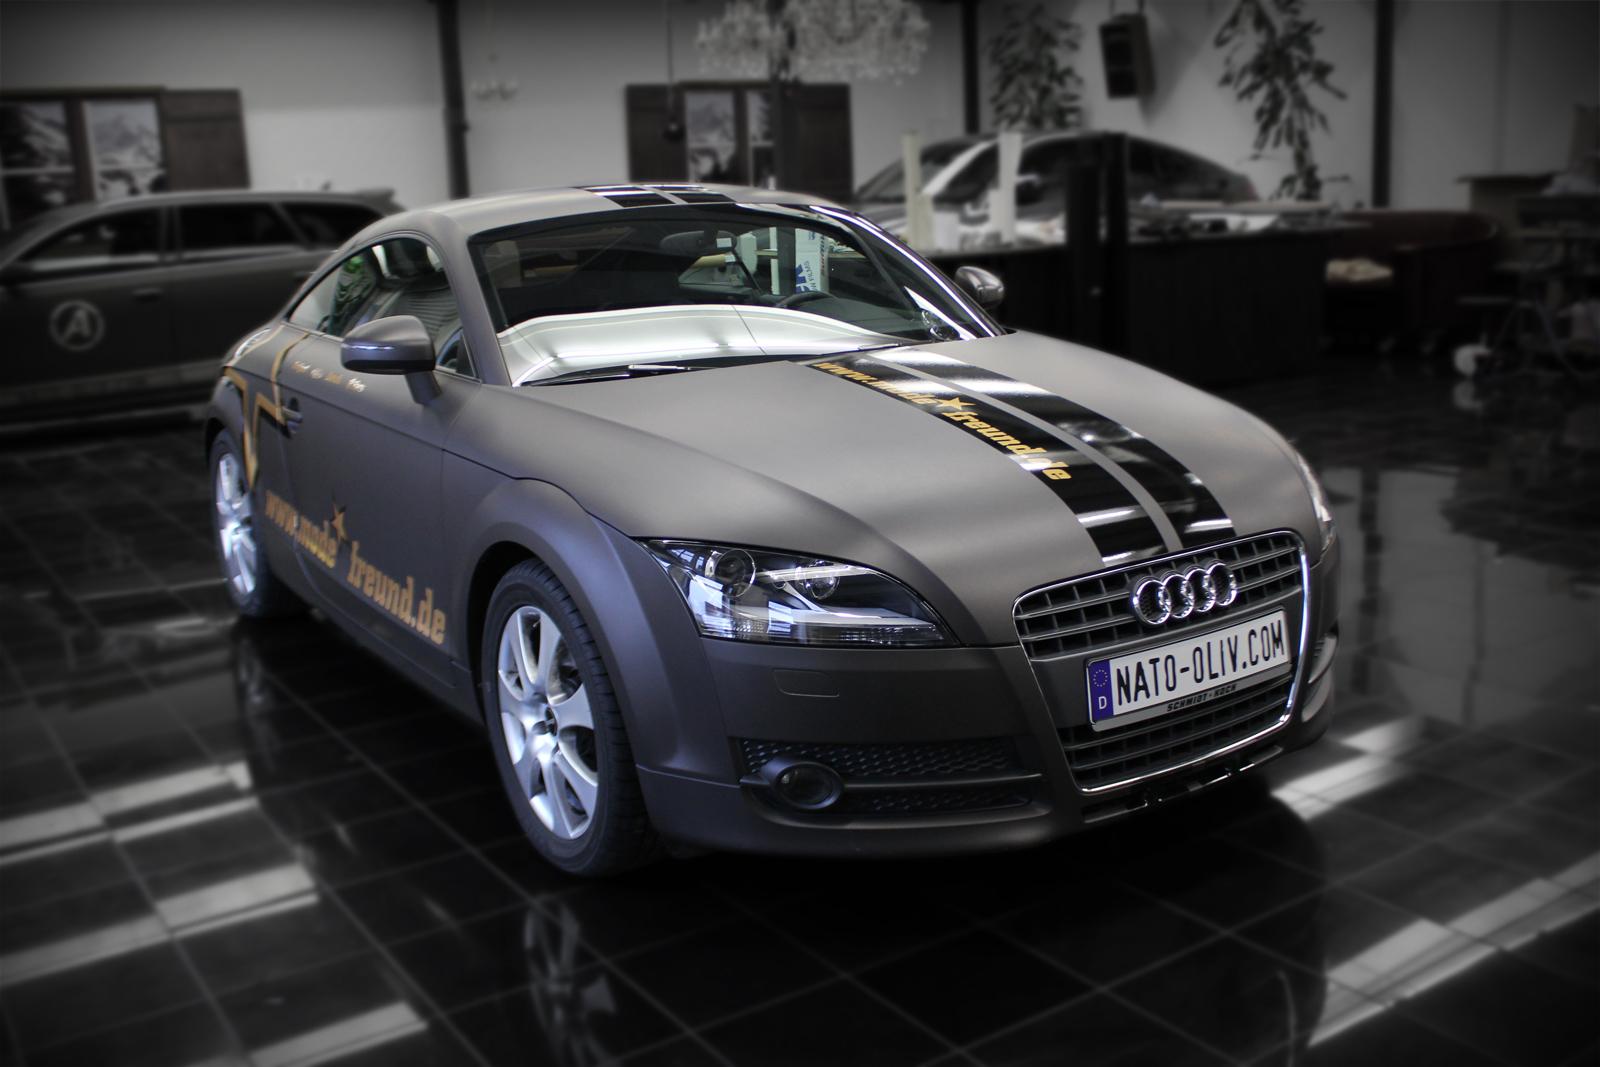 Audi_TT_Braun_Matt_Metallic_Branding_Titelbild